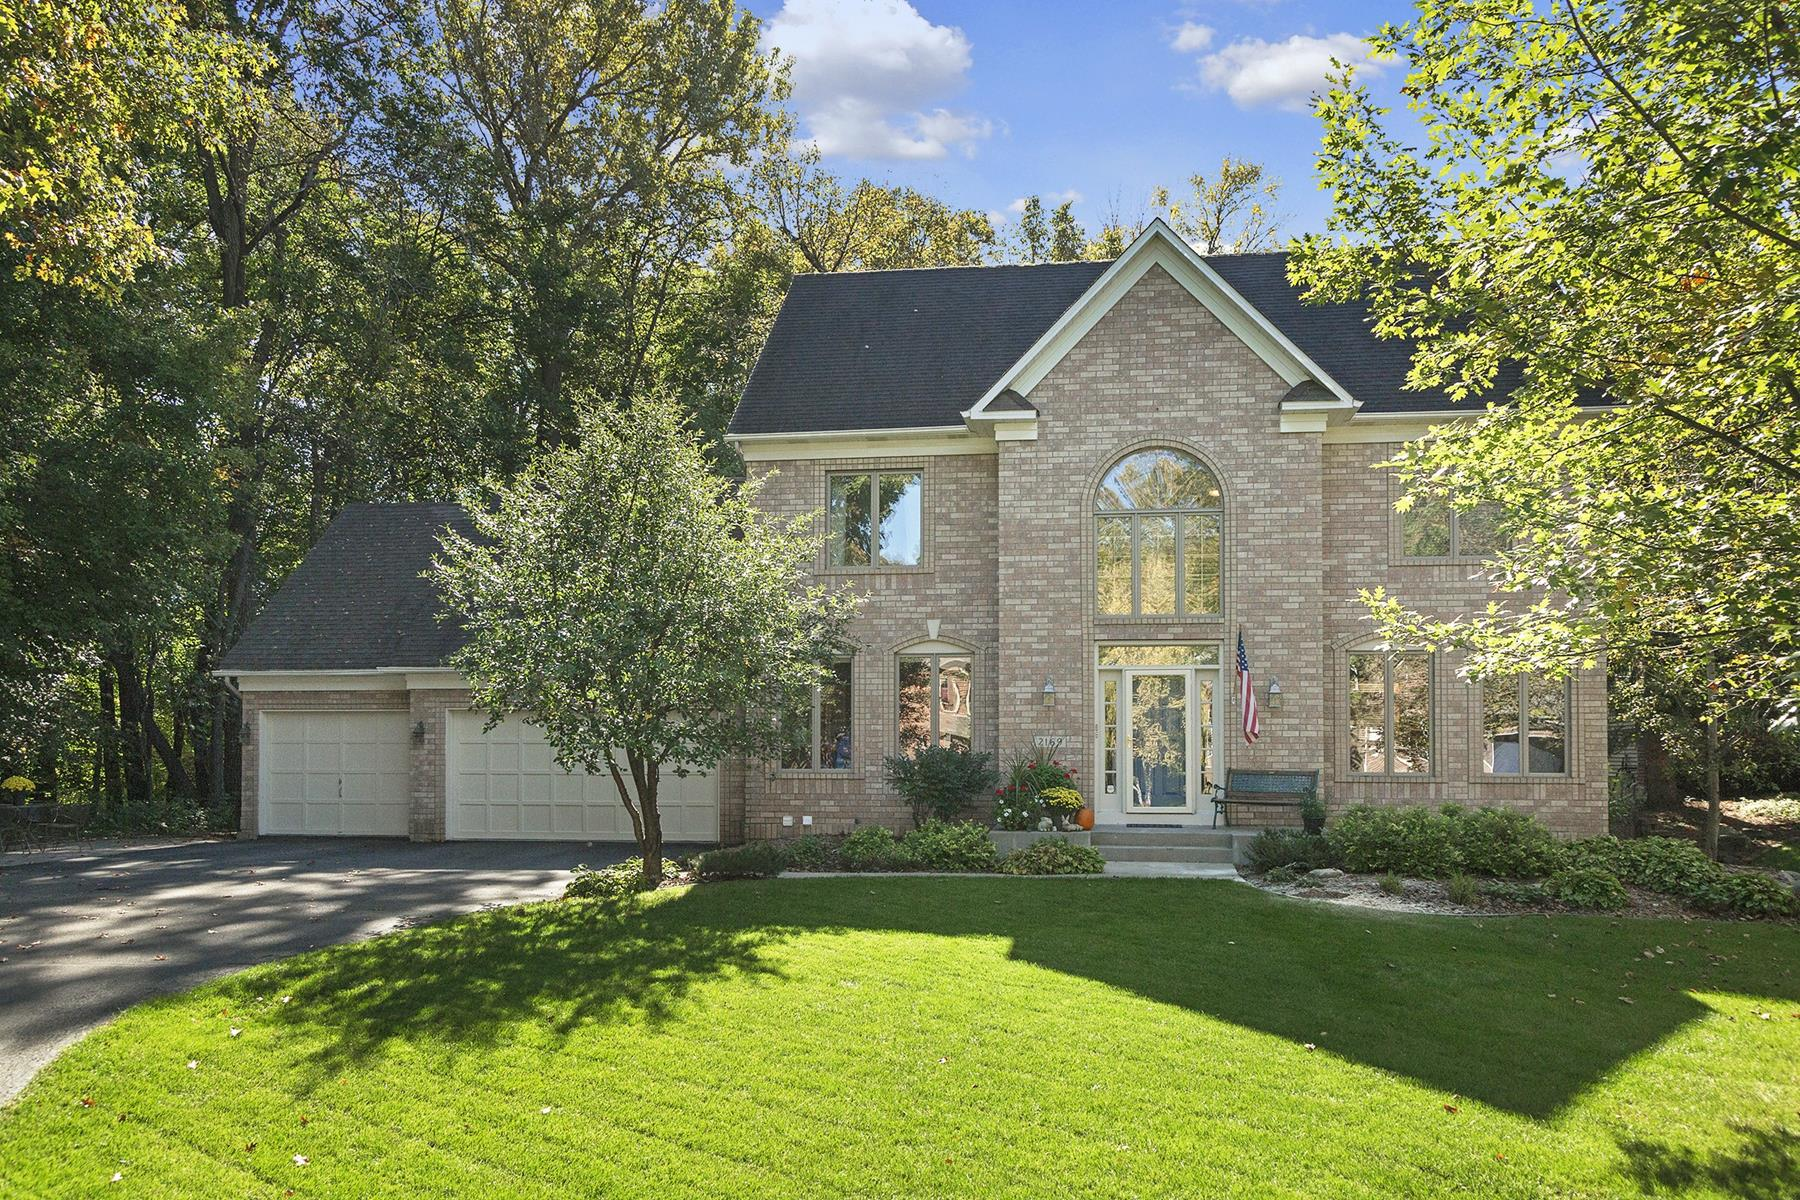 Villa per Vendita alle ore 2169 Stone Creek Drive Chanhassen, Minnesota, 55317 Stati Uniti